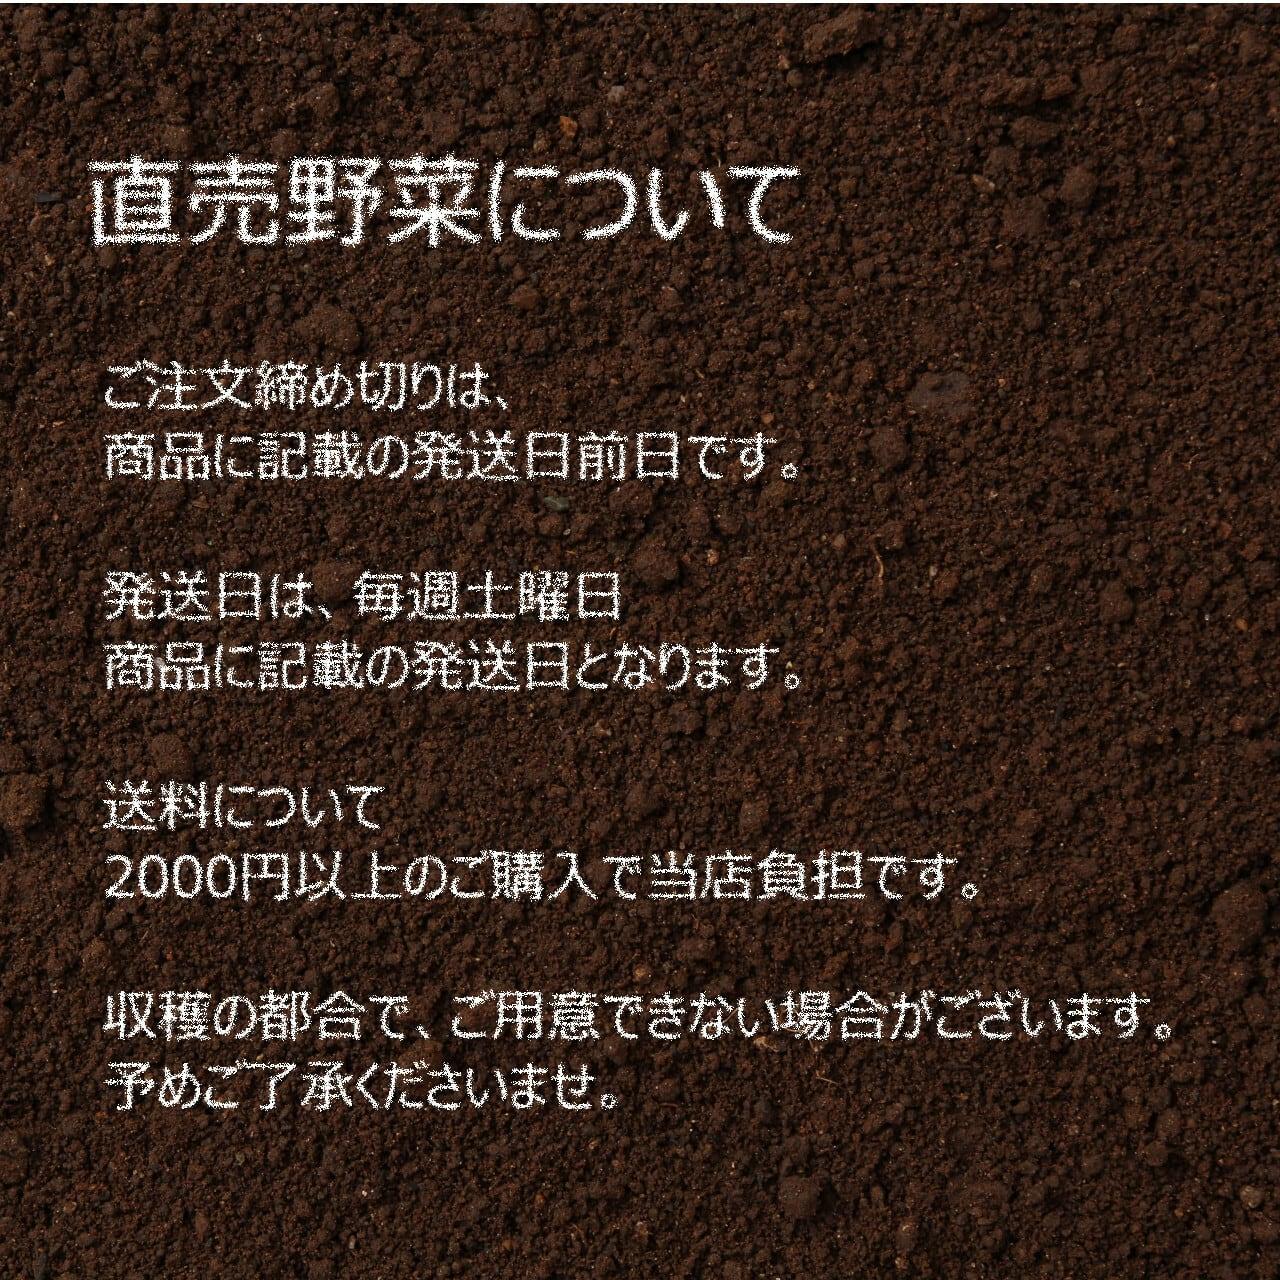 新鮮な秋野菜 : キュウリ 3~4本  9月の朝採り直売野菜 9月5日発送予定